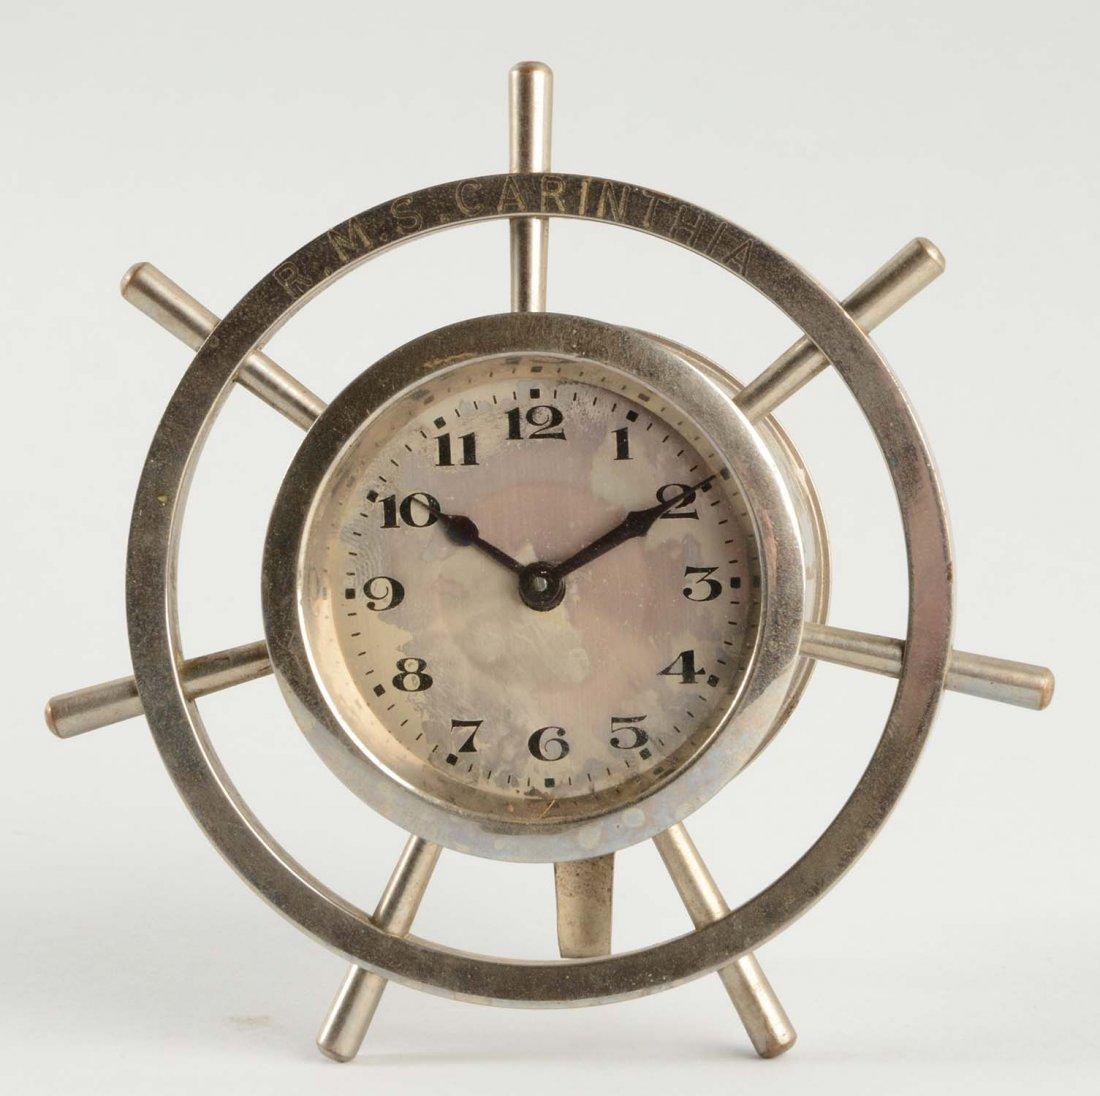 R.M.S Carinthia Ship Wheel Clock.